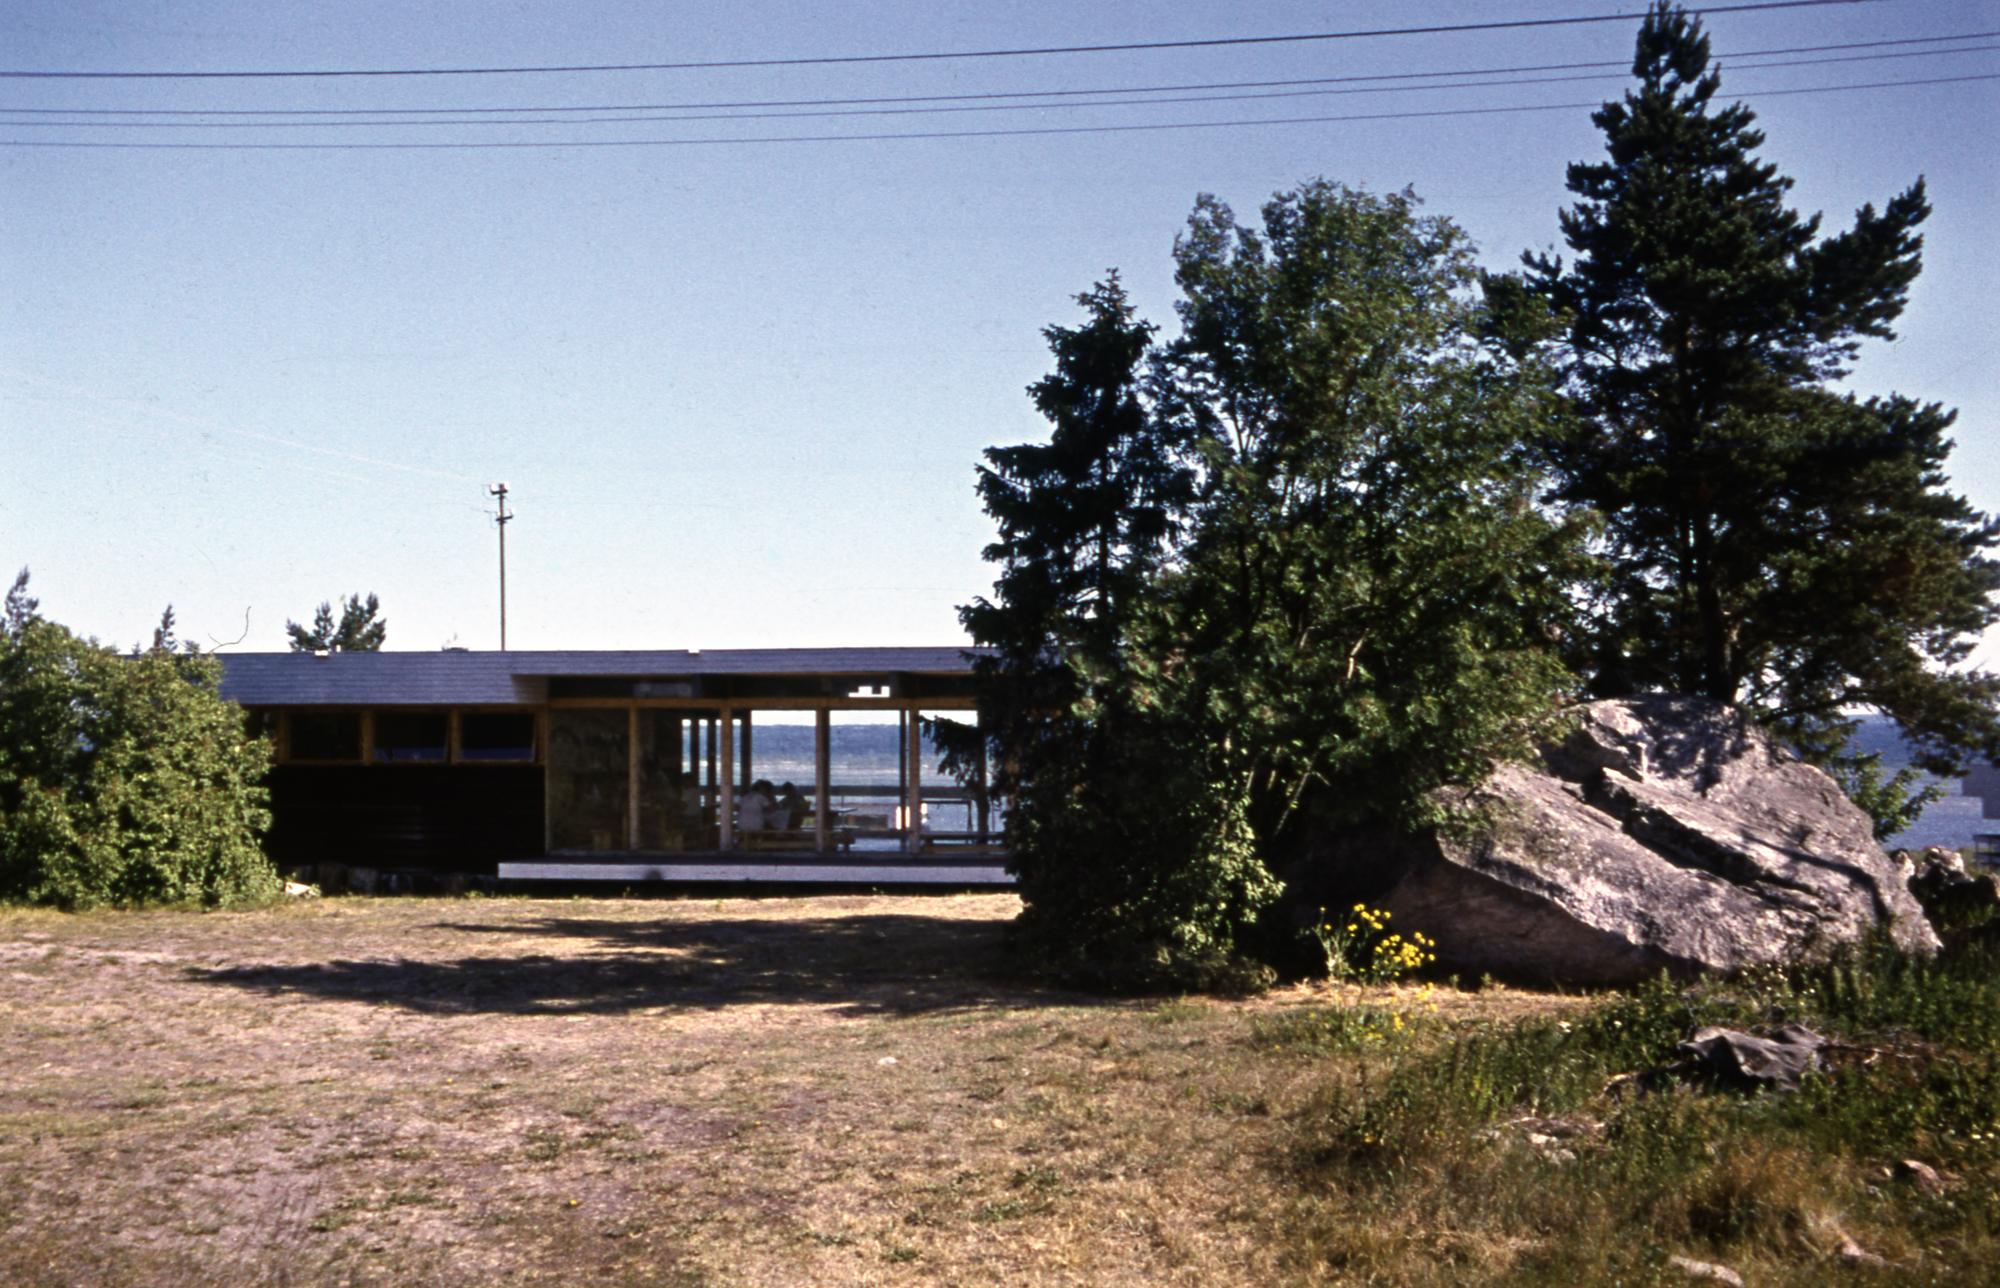 Tööstusprojekti puhkebaas Salmistus. Arhitekt Kalju Valdre, 1969. Foto: Enno Raag / Eesti Arhitektuurimuuseum